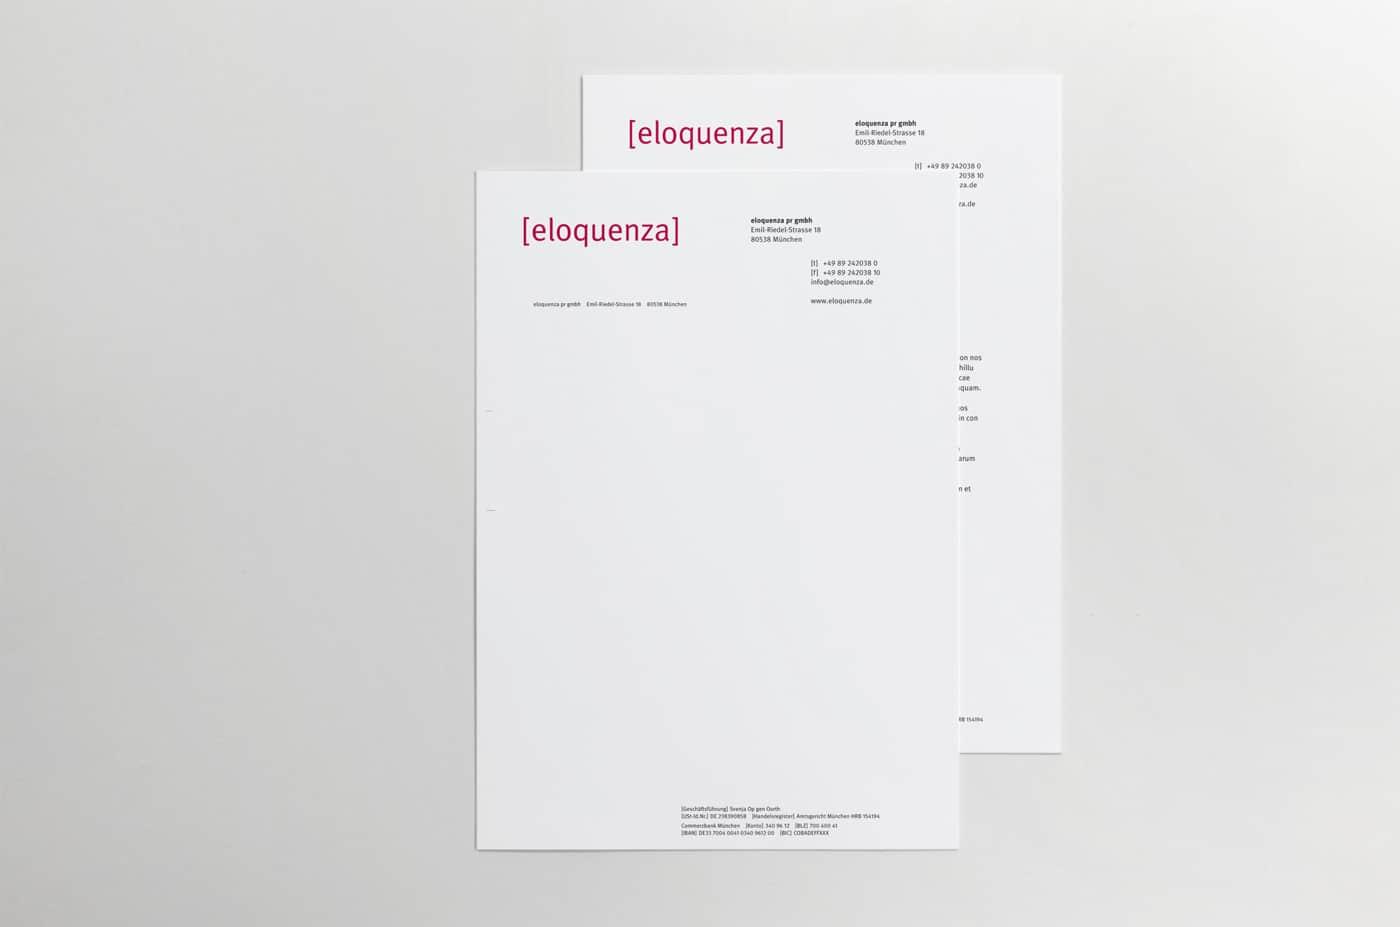 Briefbogen PR-Agentur eloquenza